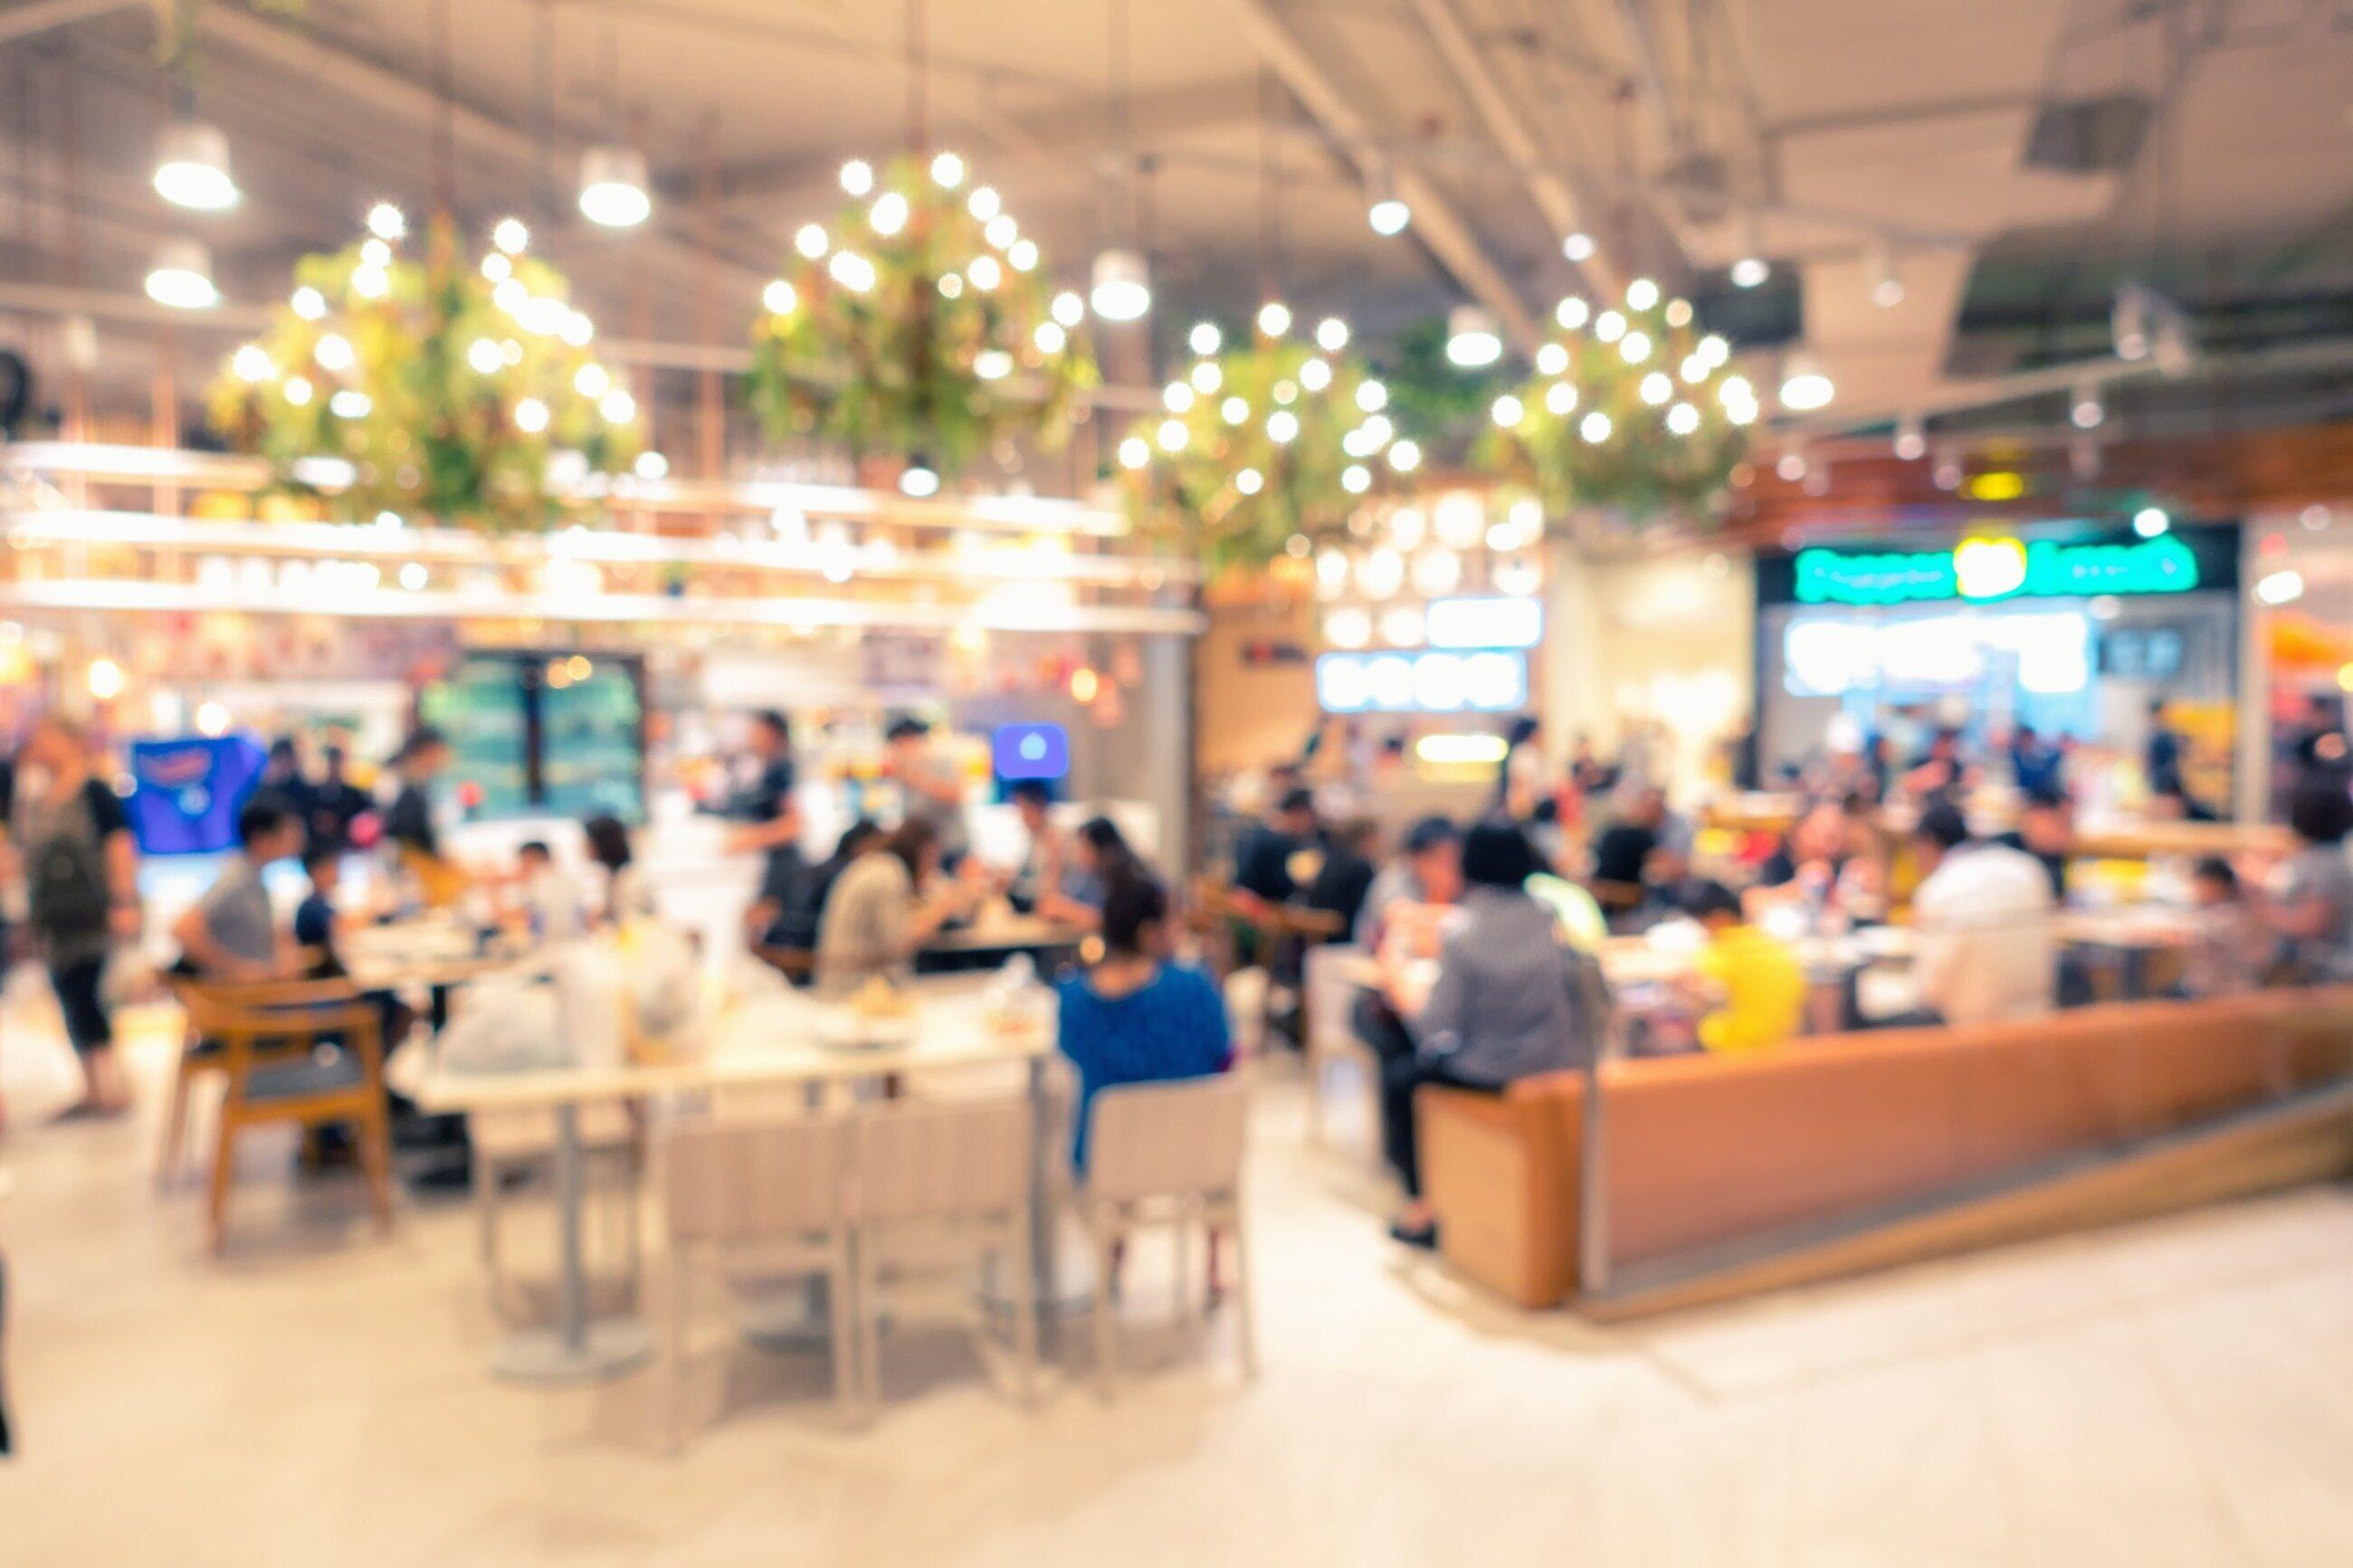 Strefa restauracyjna w galerii handlowej